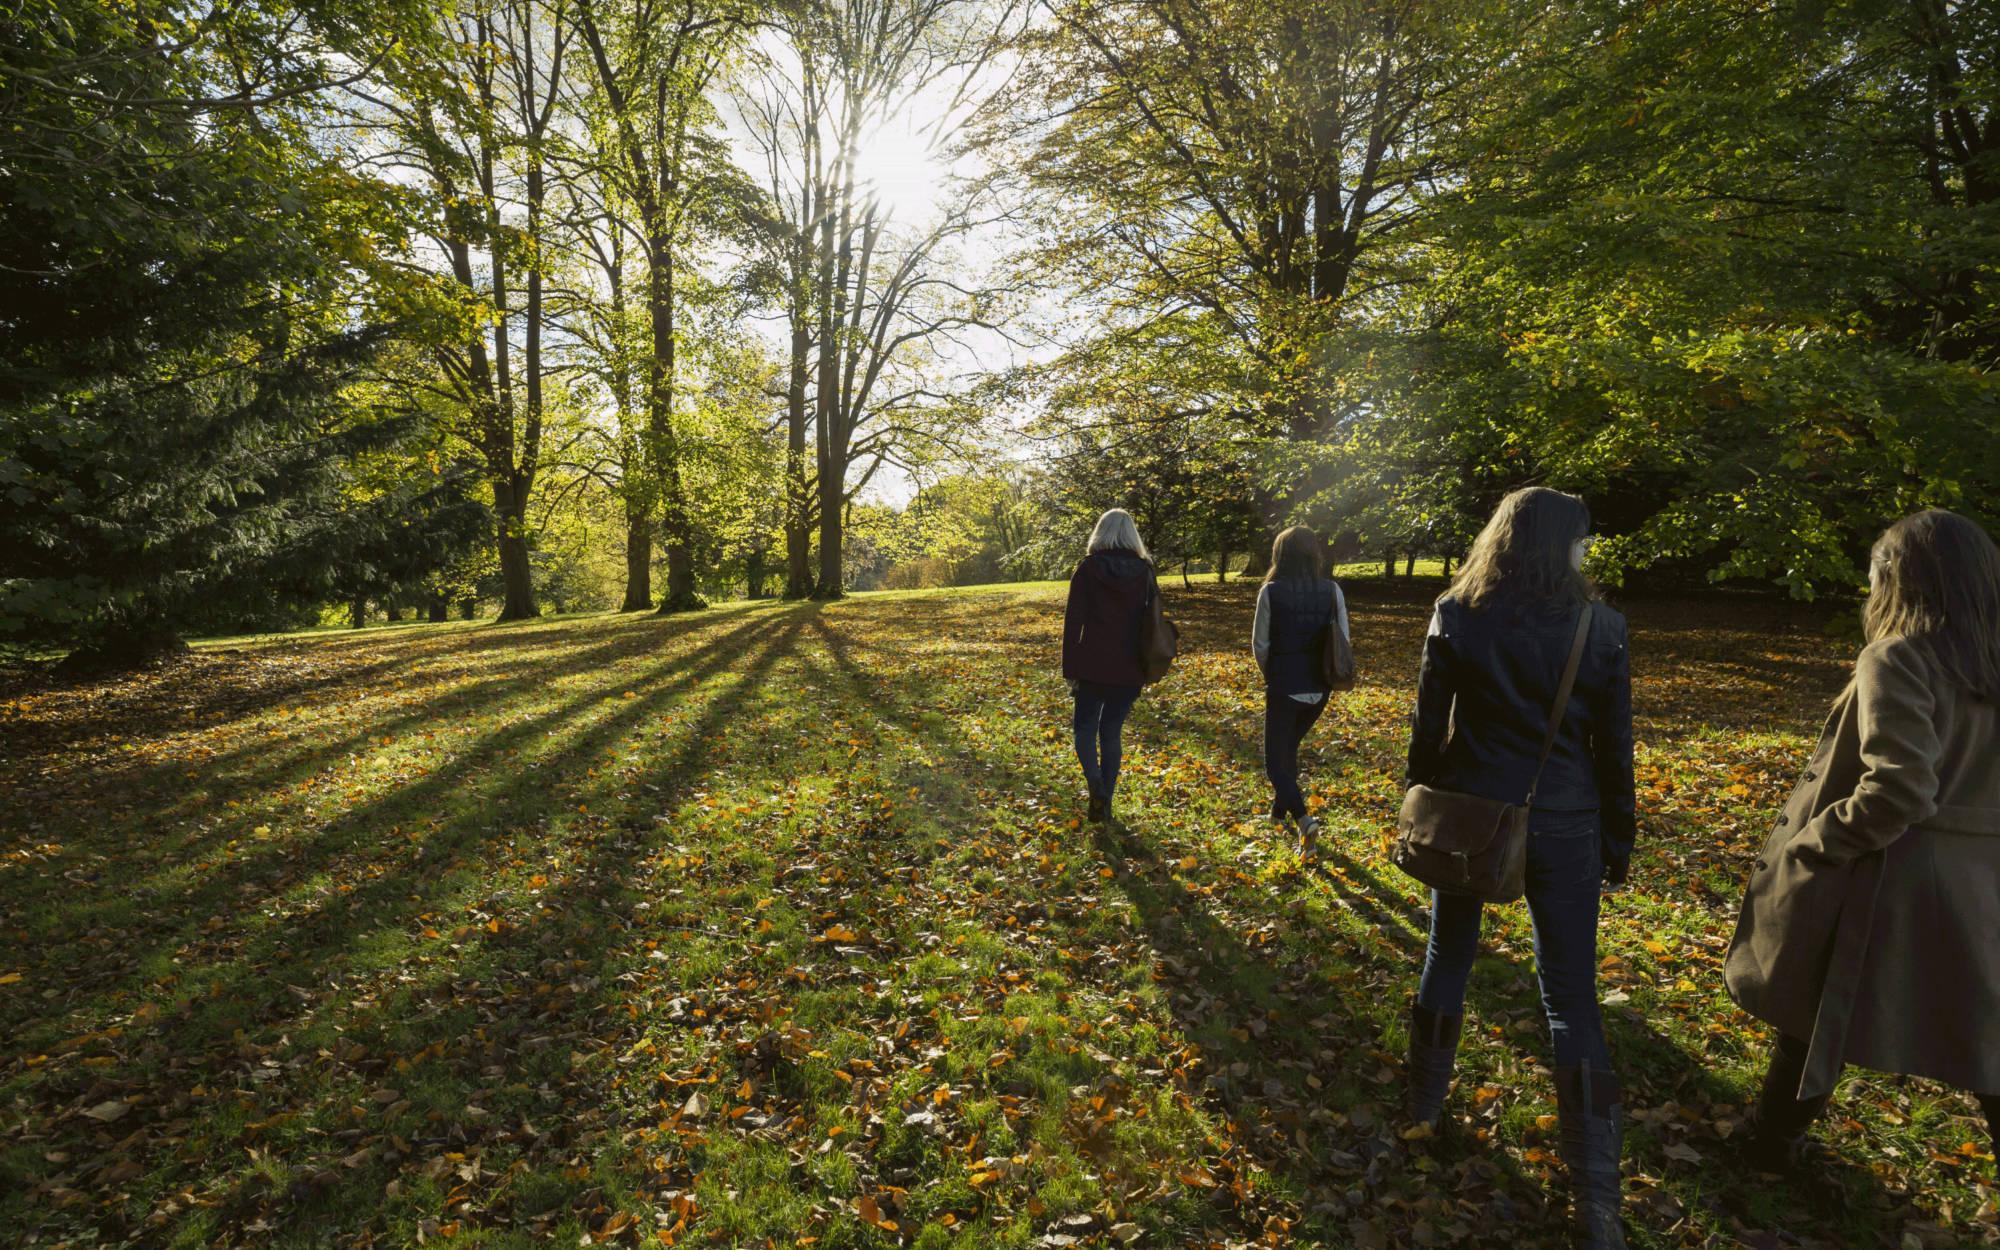 Women walking at Waddesdon